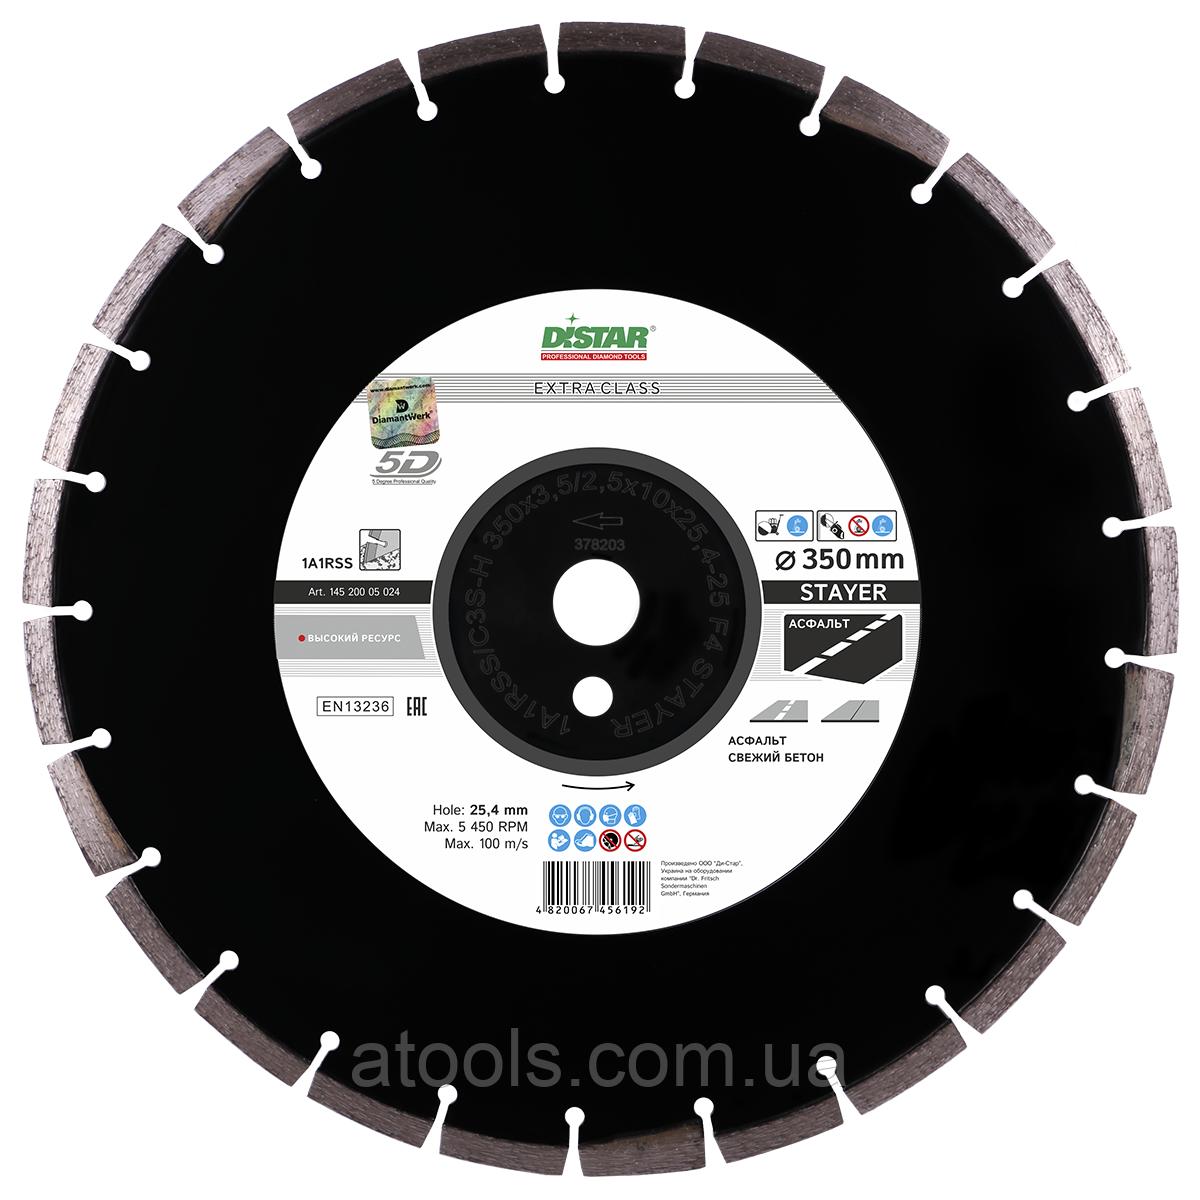 Алмазний відрізний диск Distar 1A1RSS/C3S 300x3.0/2.0x10x25.4-11.5-21/3 HIT STAYER (14520005022)